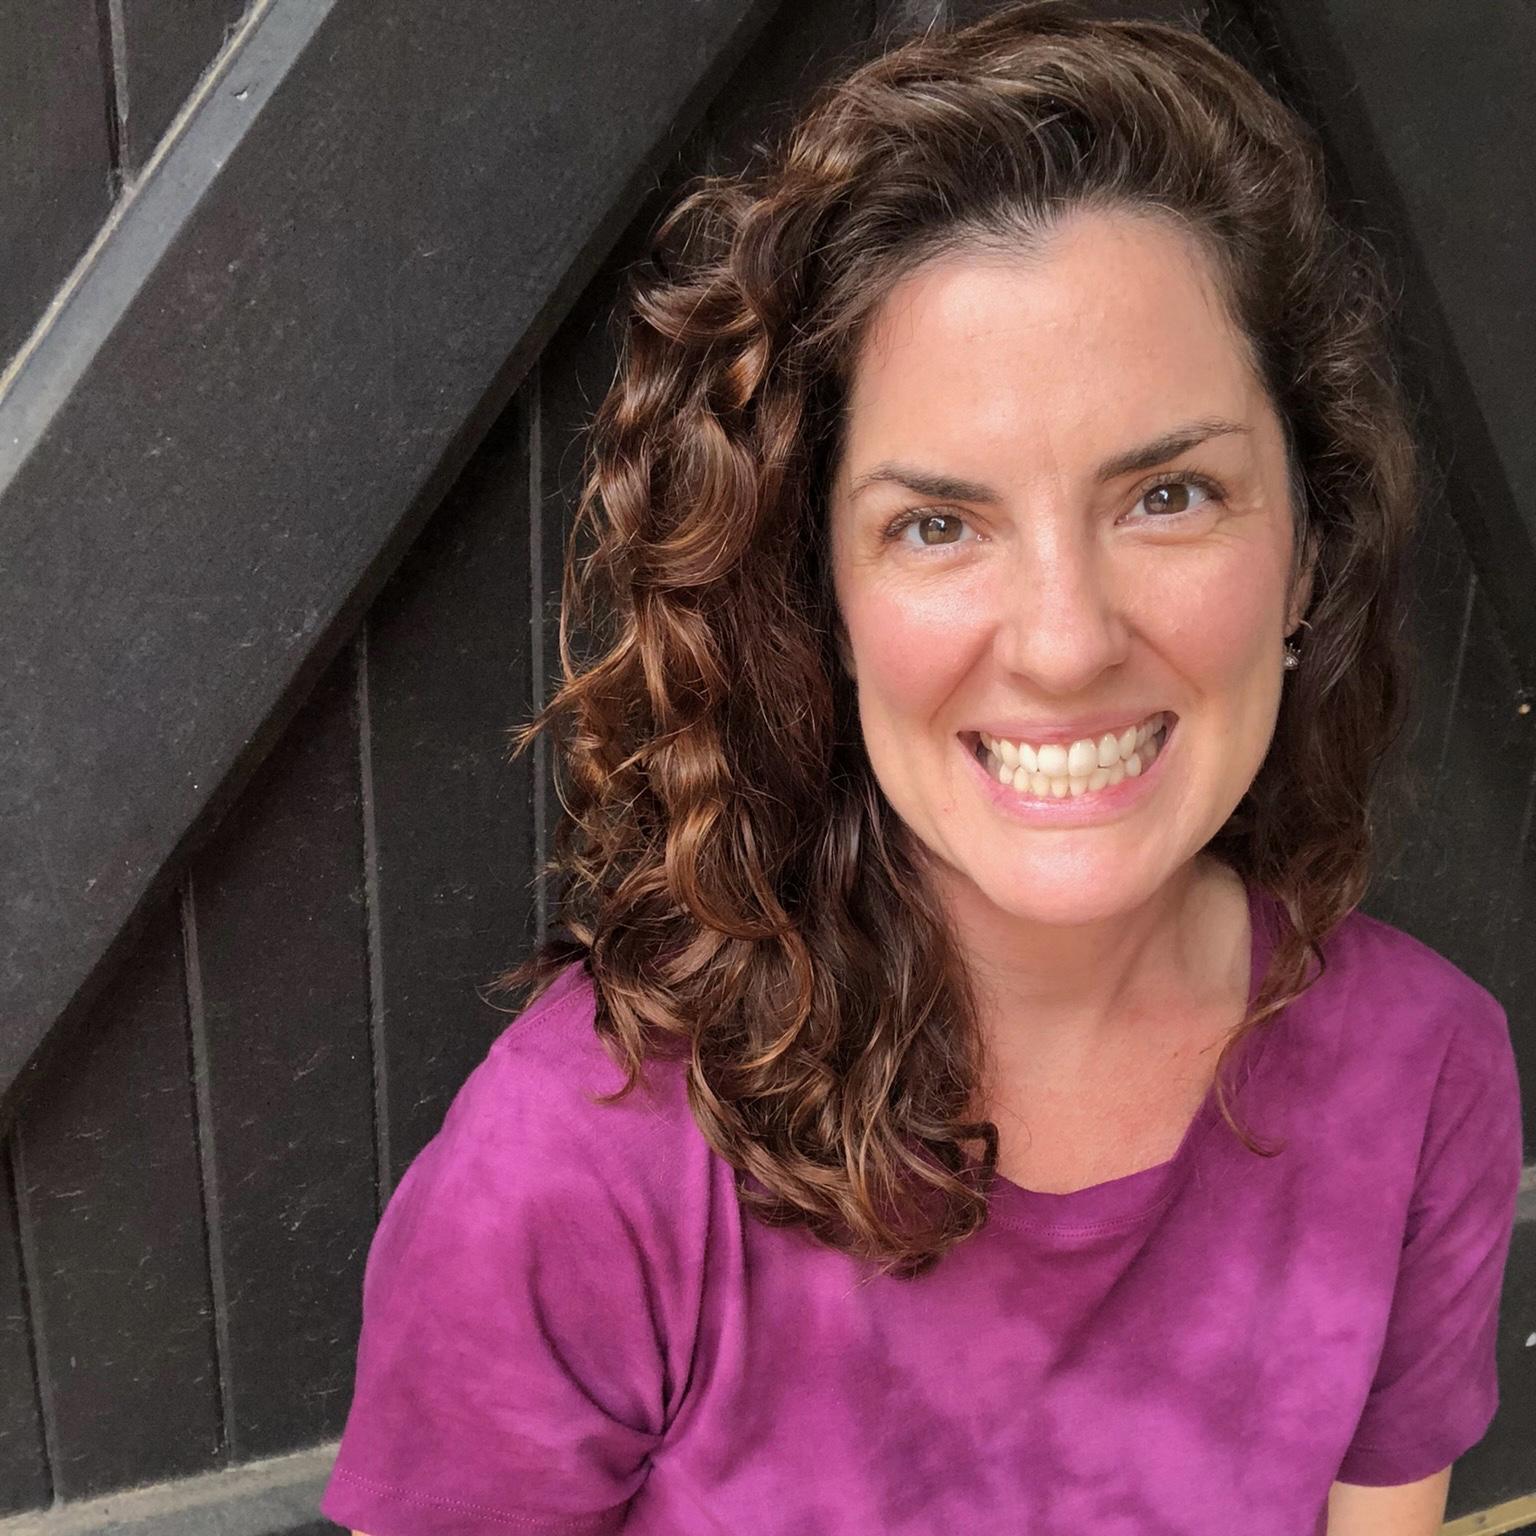 Rebecca Bly, REBECCABLY.com